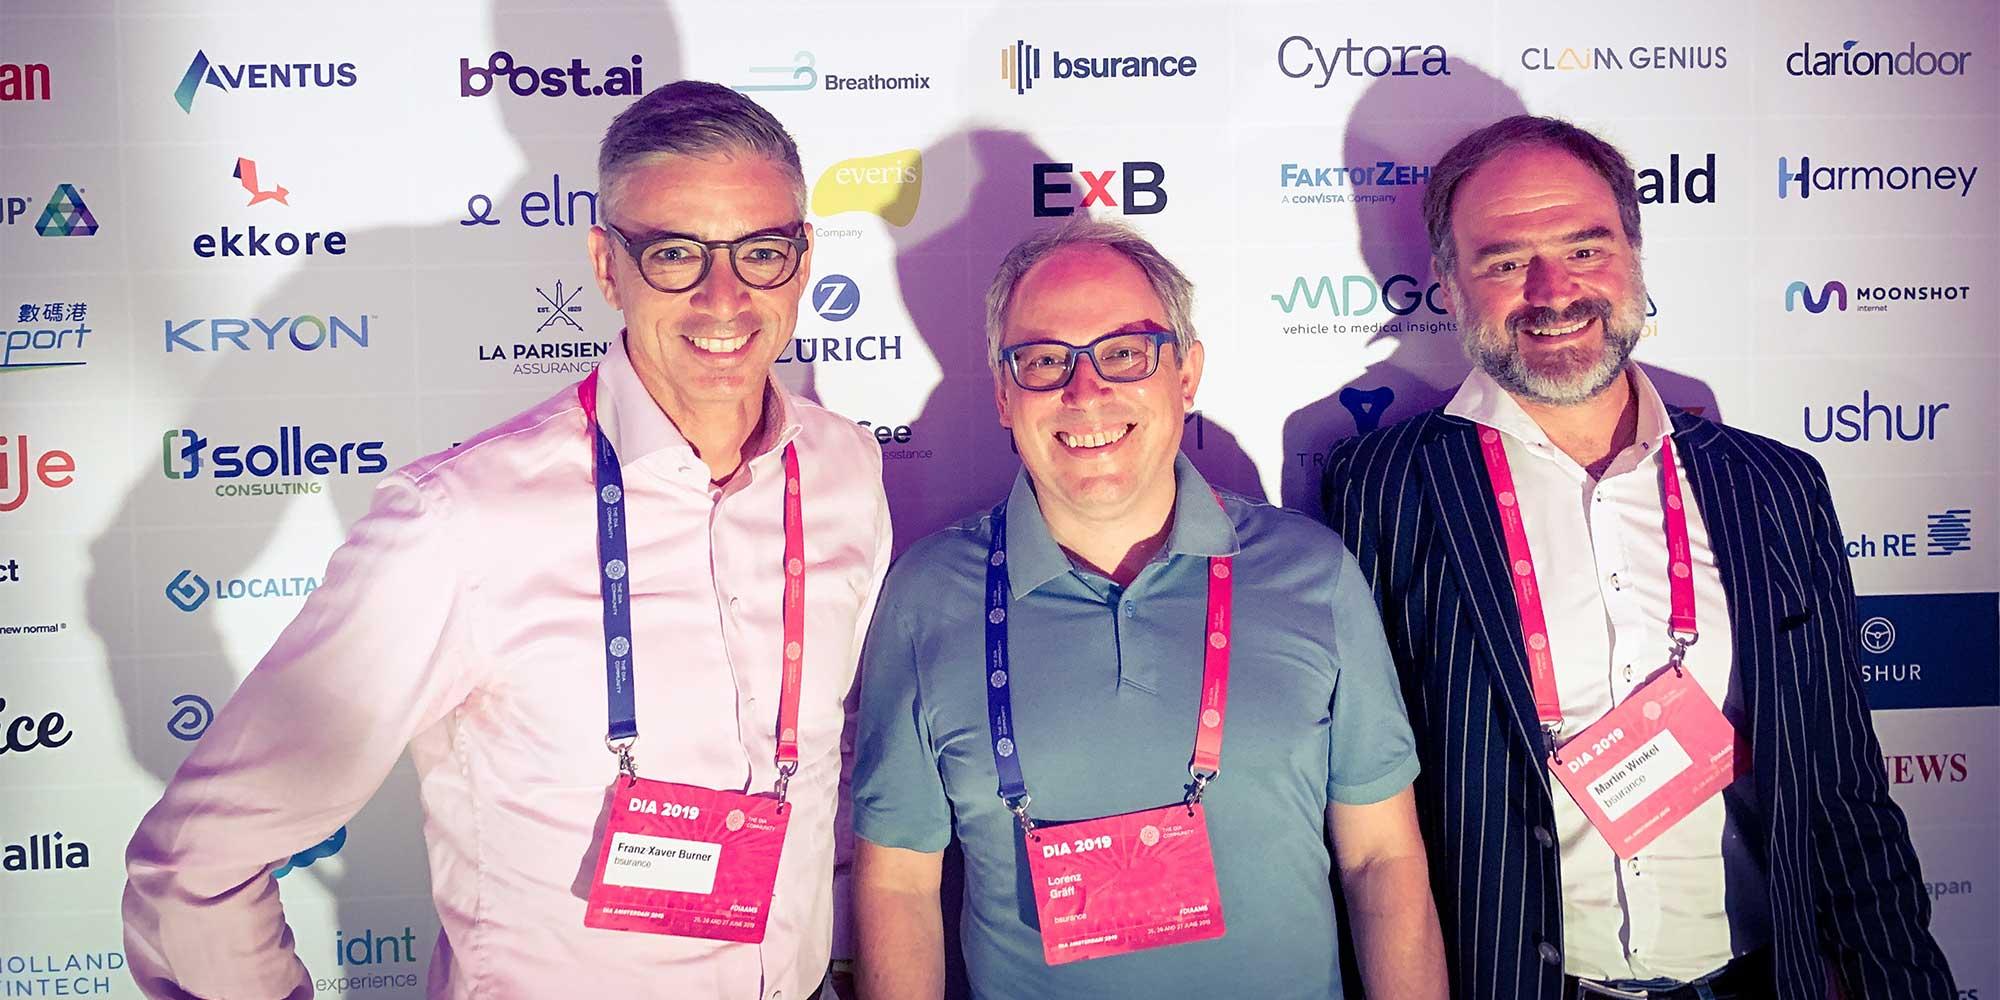 Team bsurance auf der Digital Insurance Agenda Amsterdam 2019